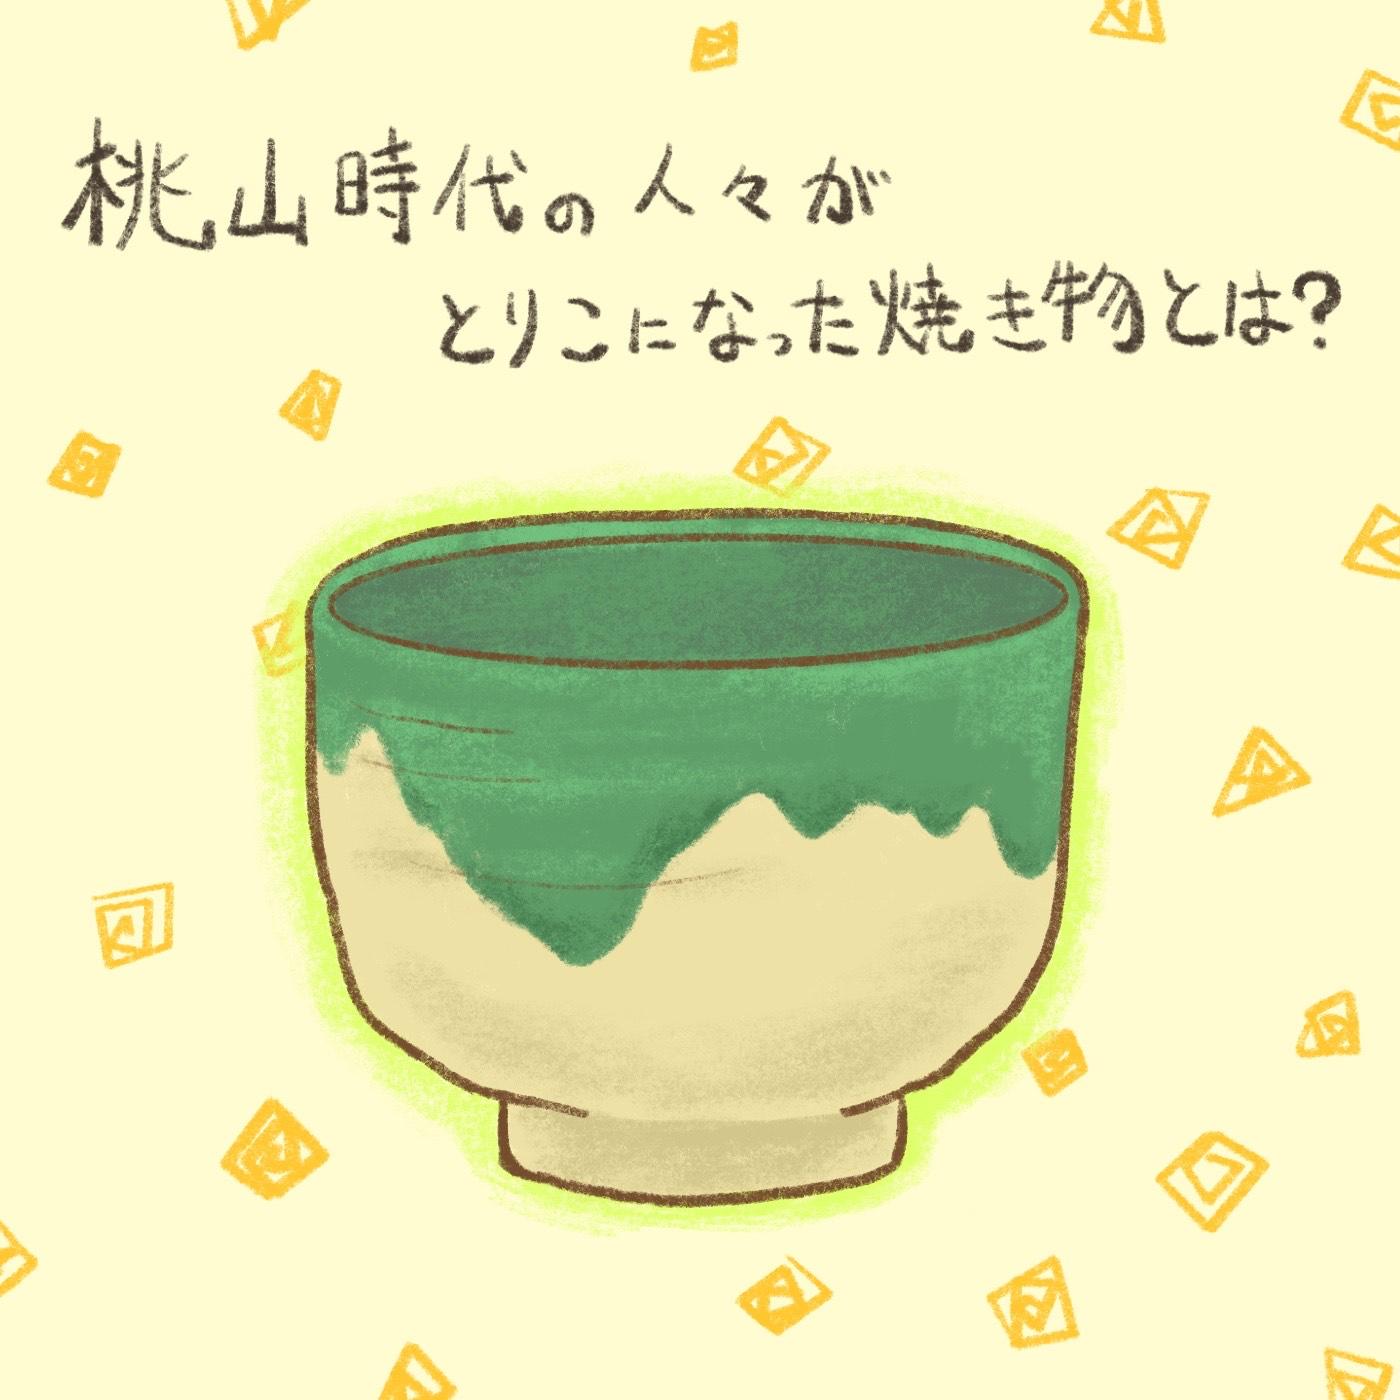 安土桃山時代 ナニソレ OBIKAKE 織部焼